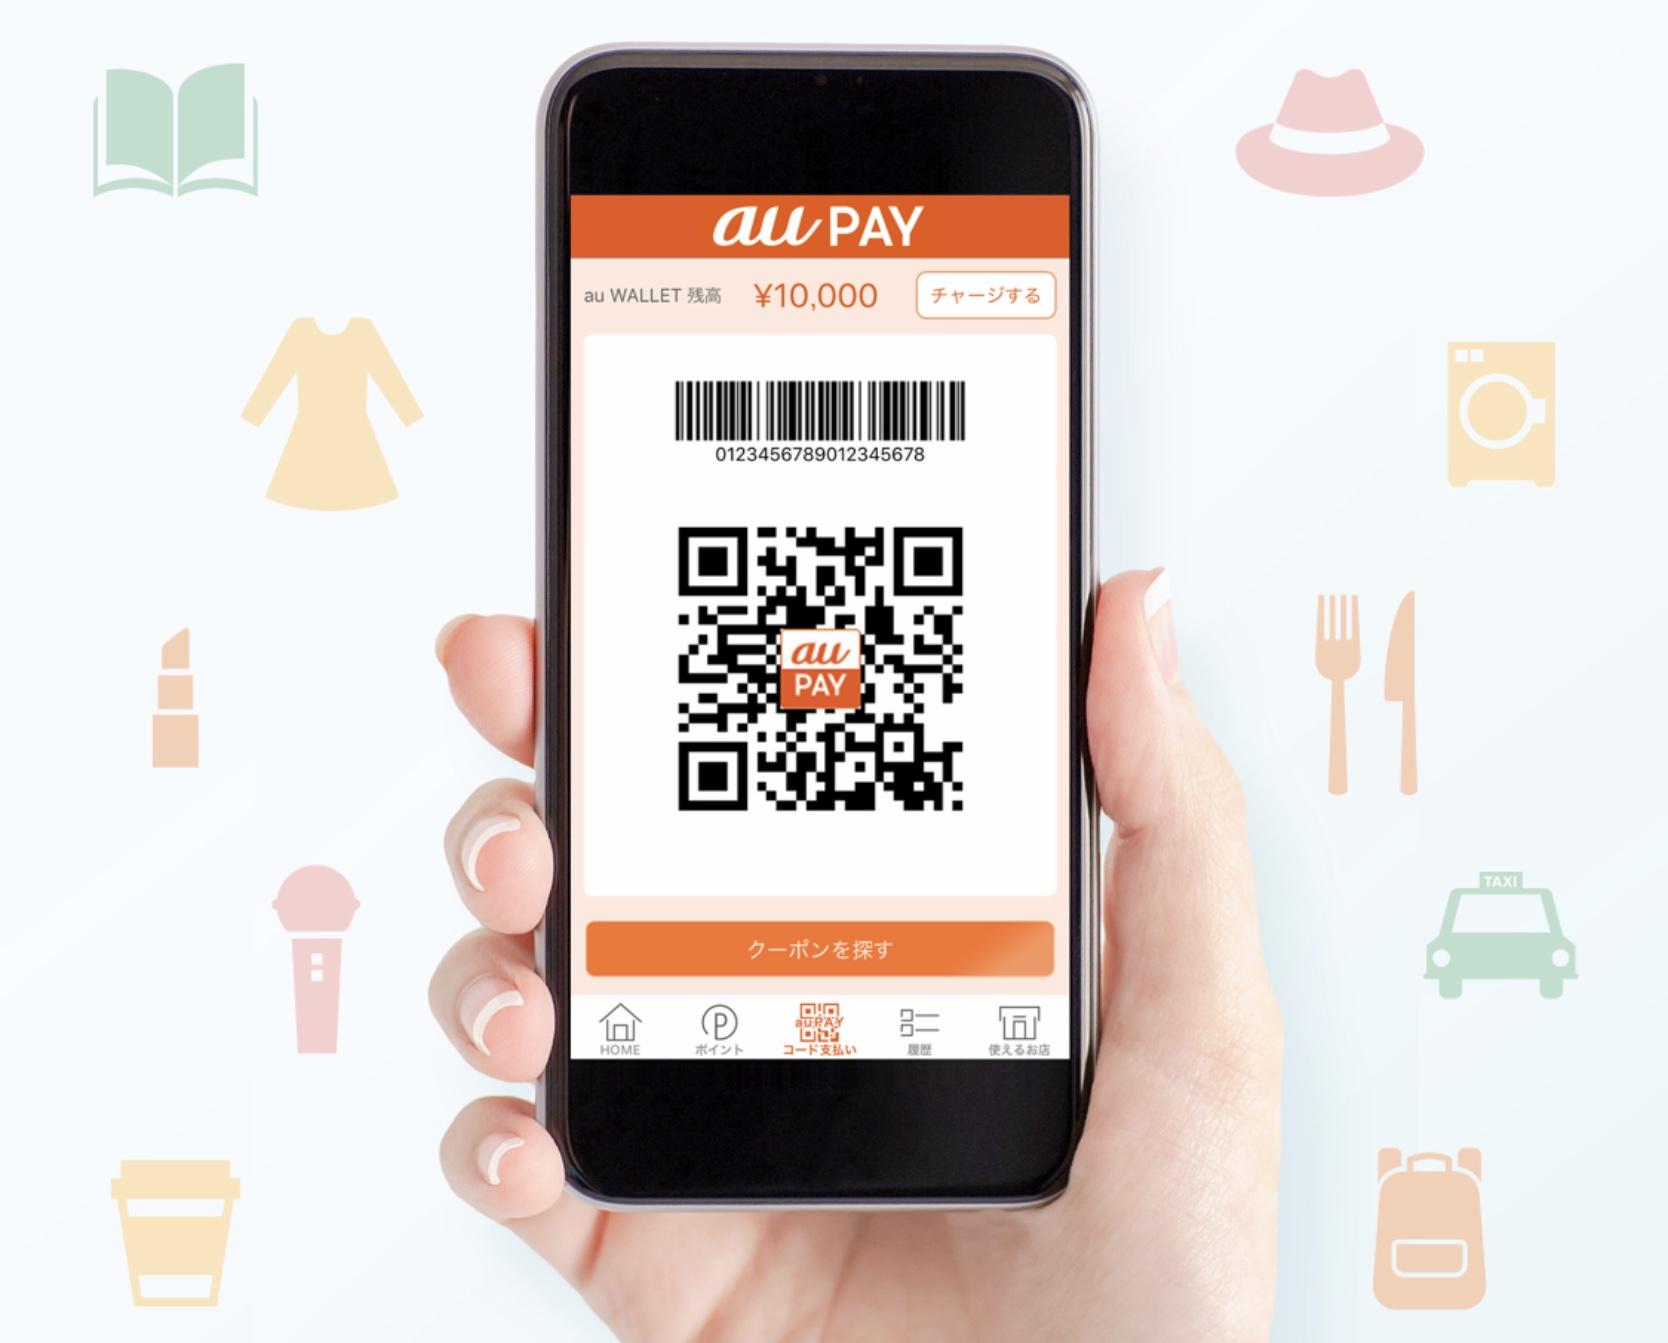 店 使える au ペイ au PAYの使える店・店舗【2021年4月】コンビニ・飲食店どこで利用できる?